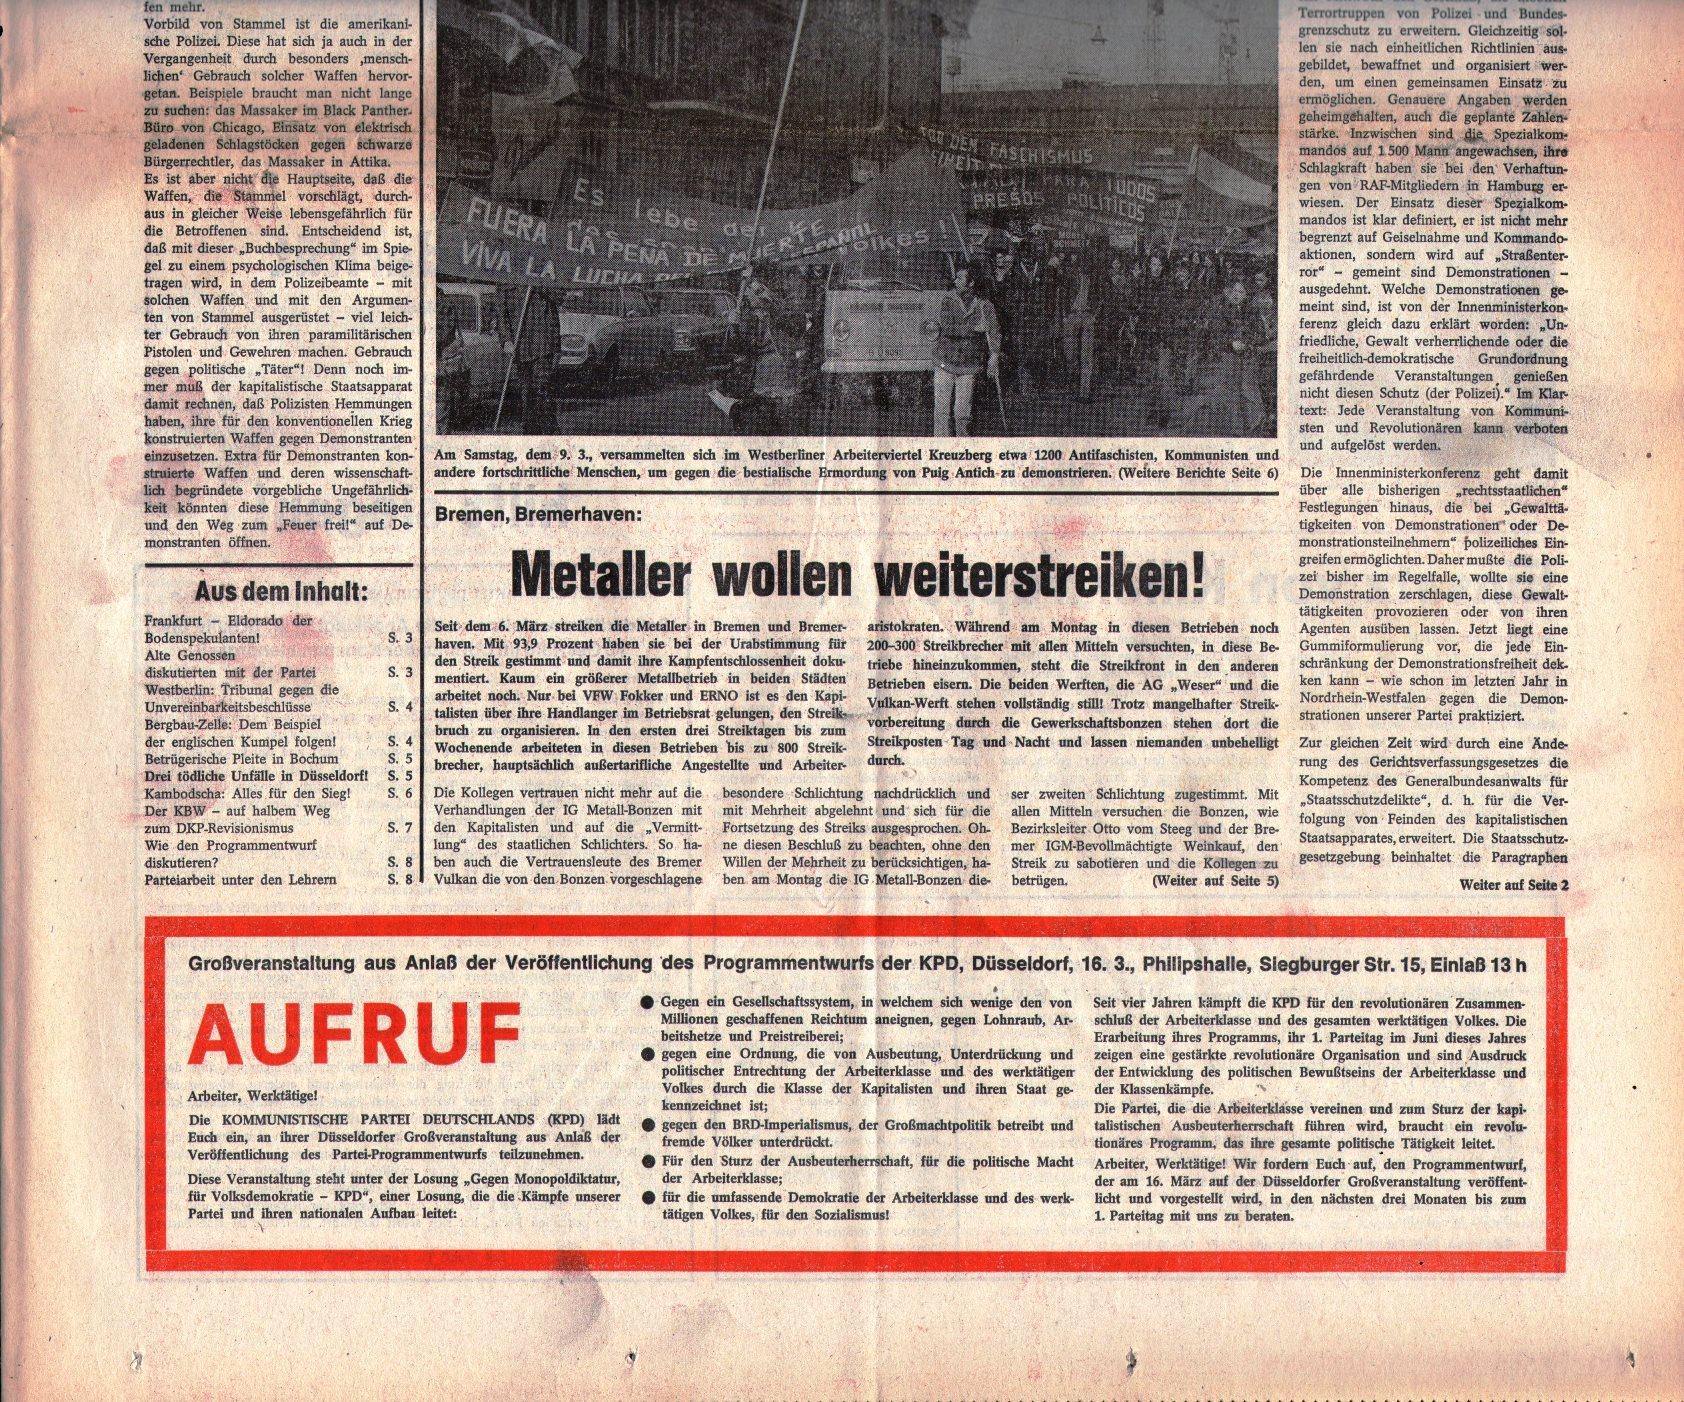 KPD_Rote_Fahne_1974_11_02